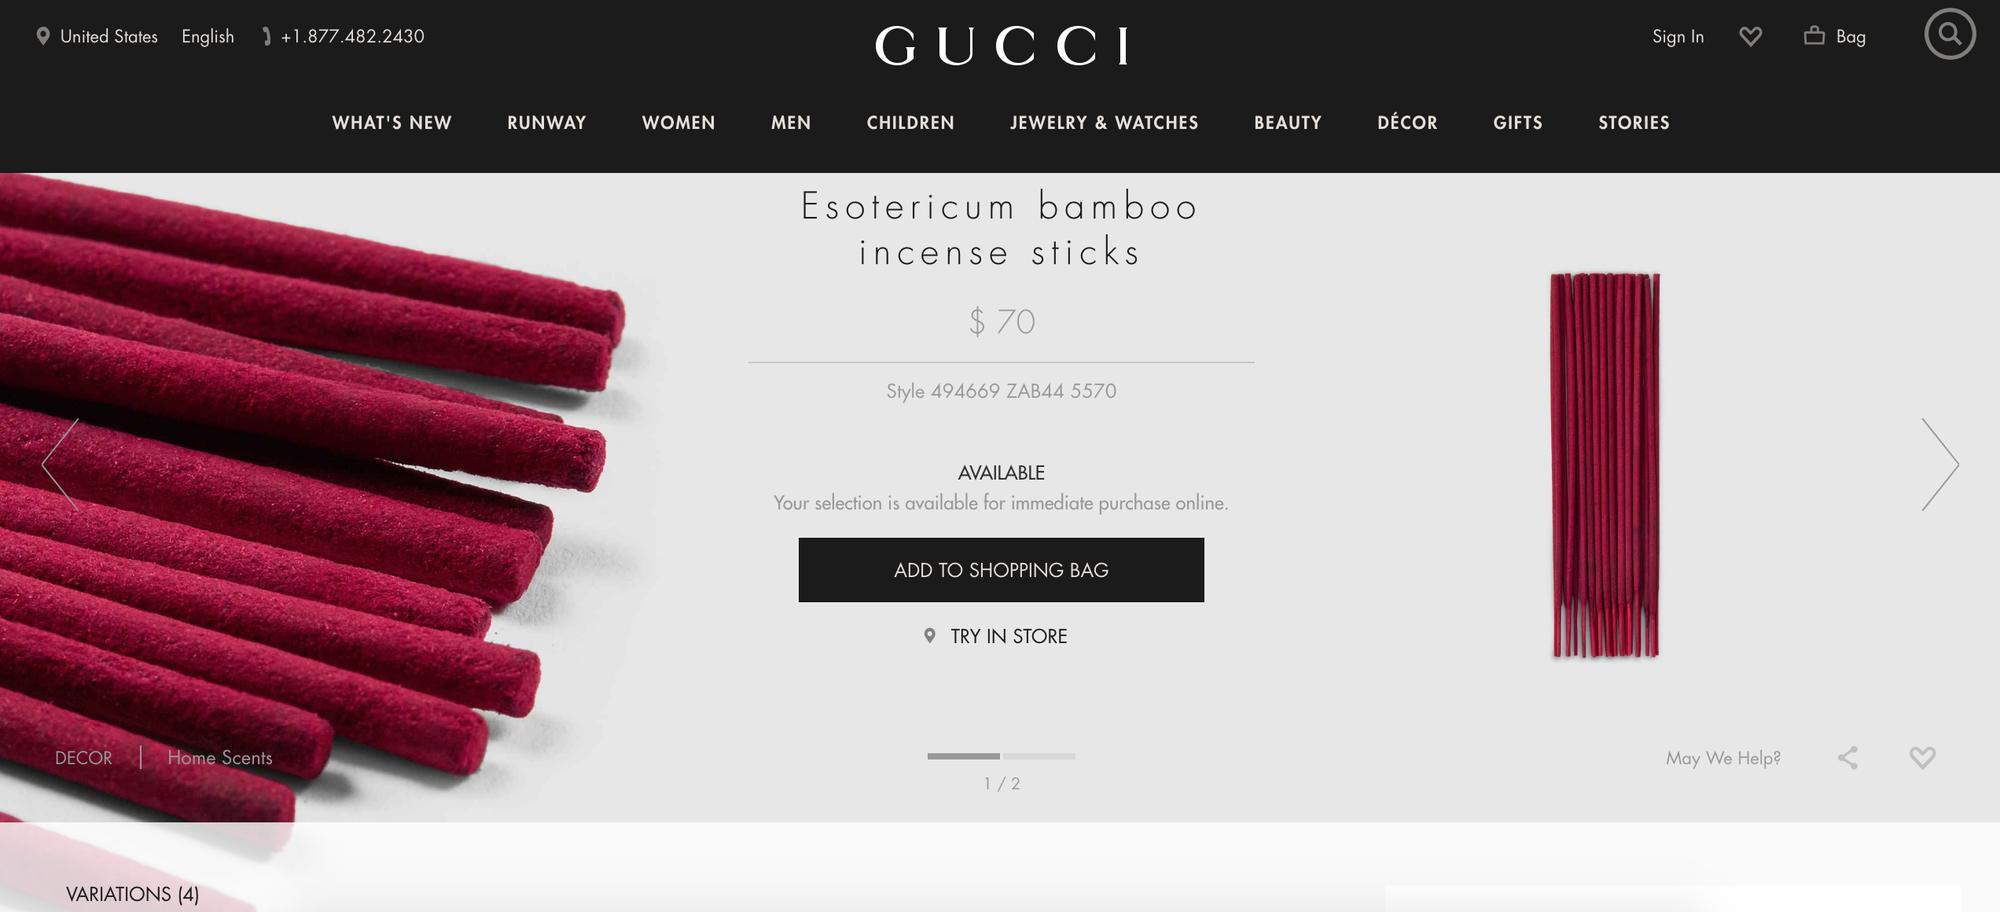 Gucci bán que hương, phục vụ tín đồ hàng hiệu vừa mặc vừa được thở